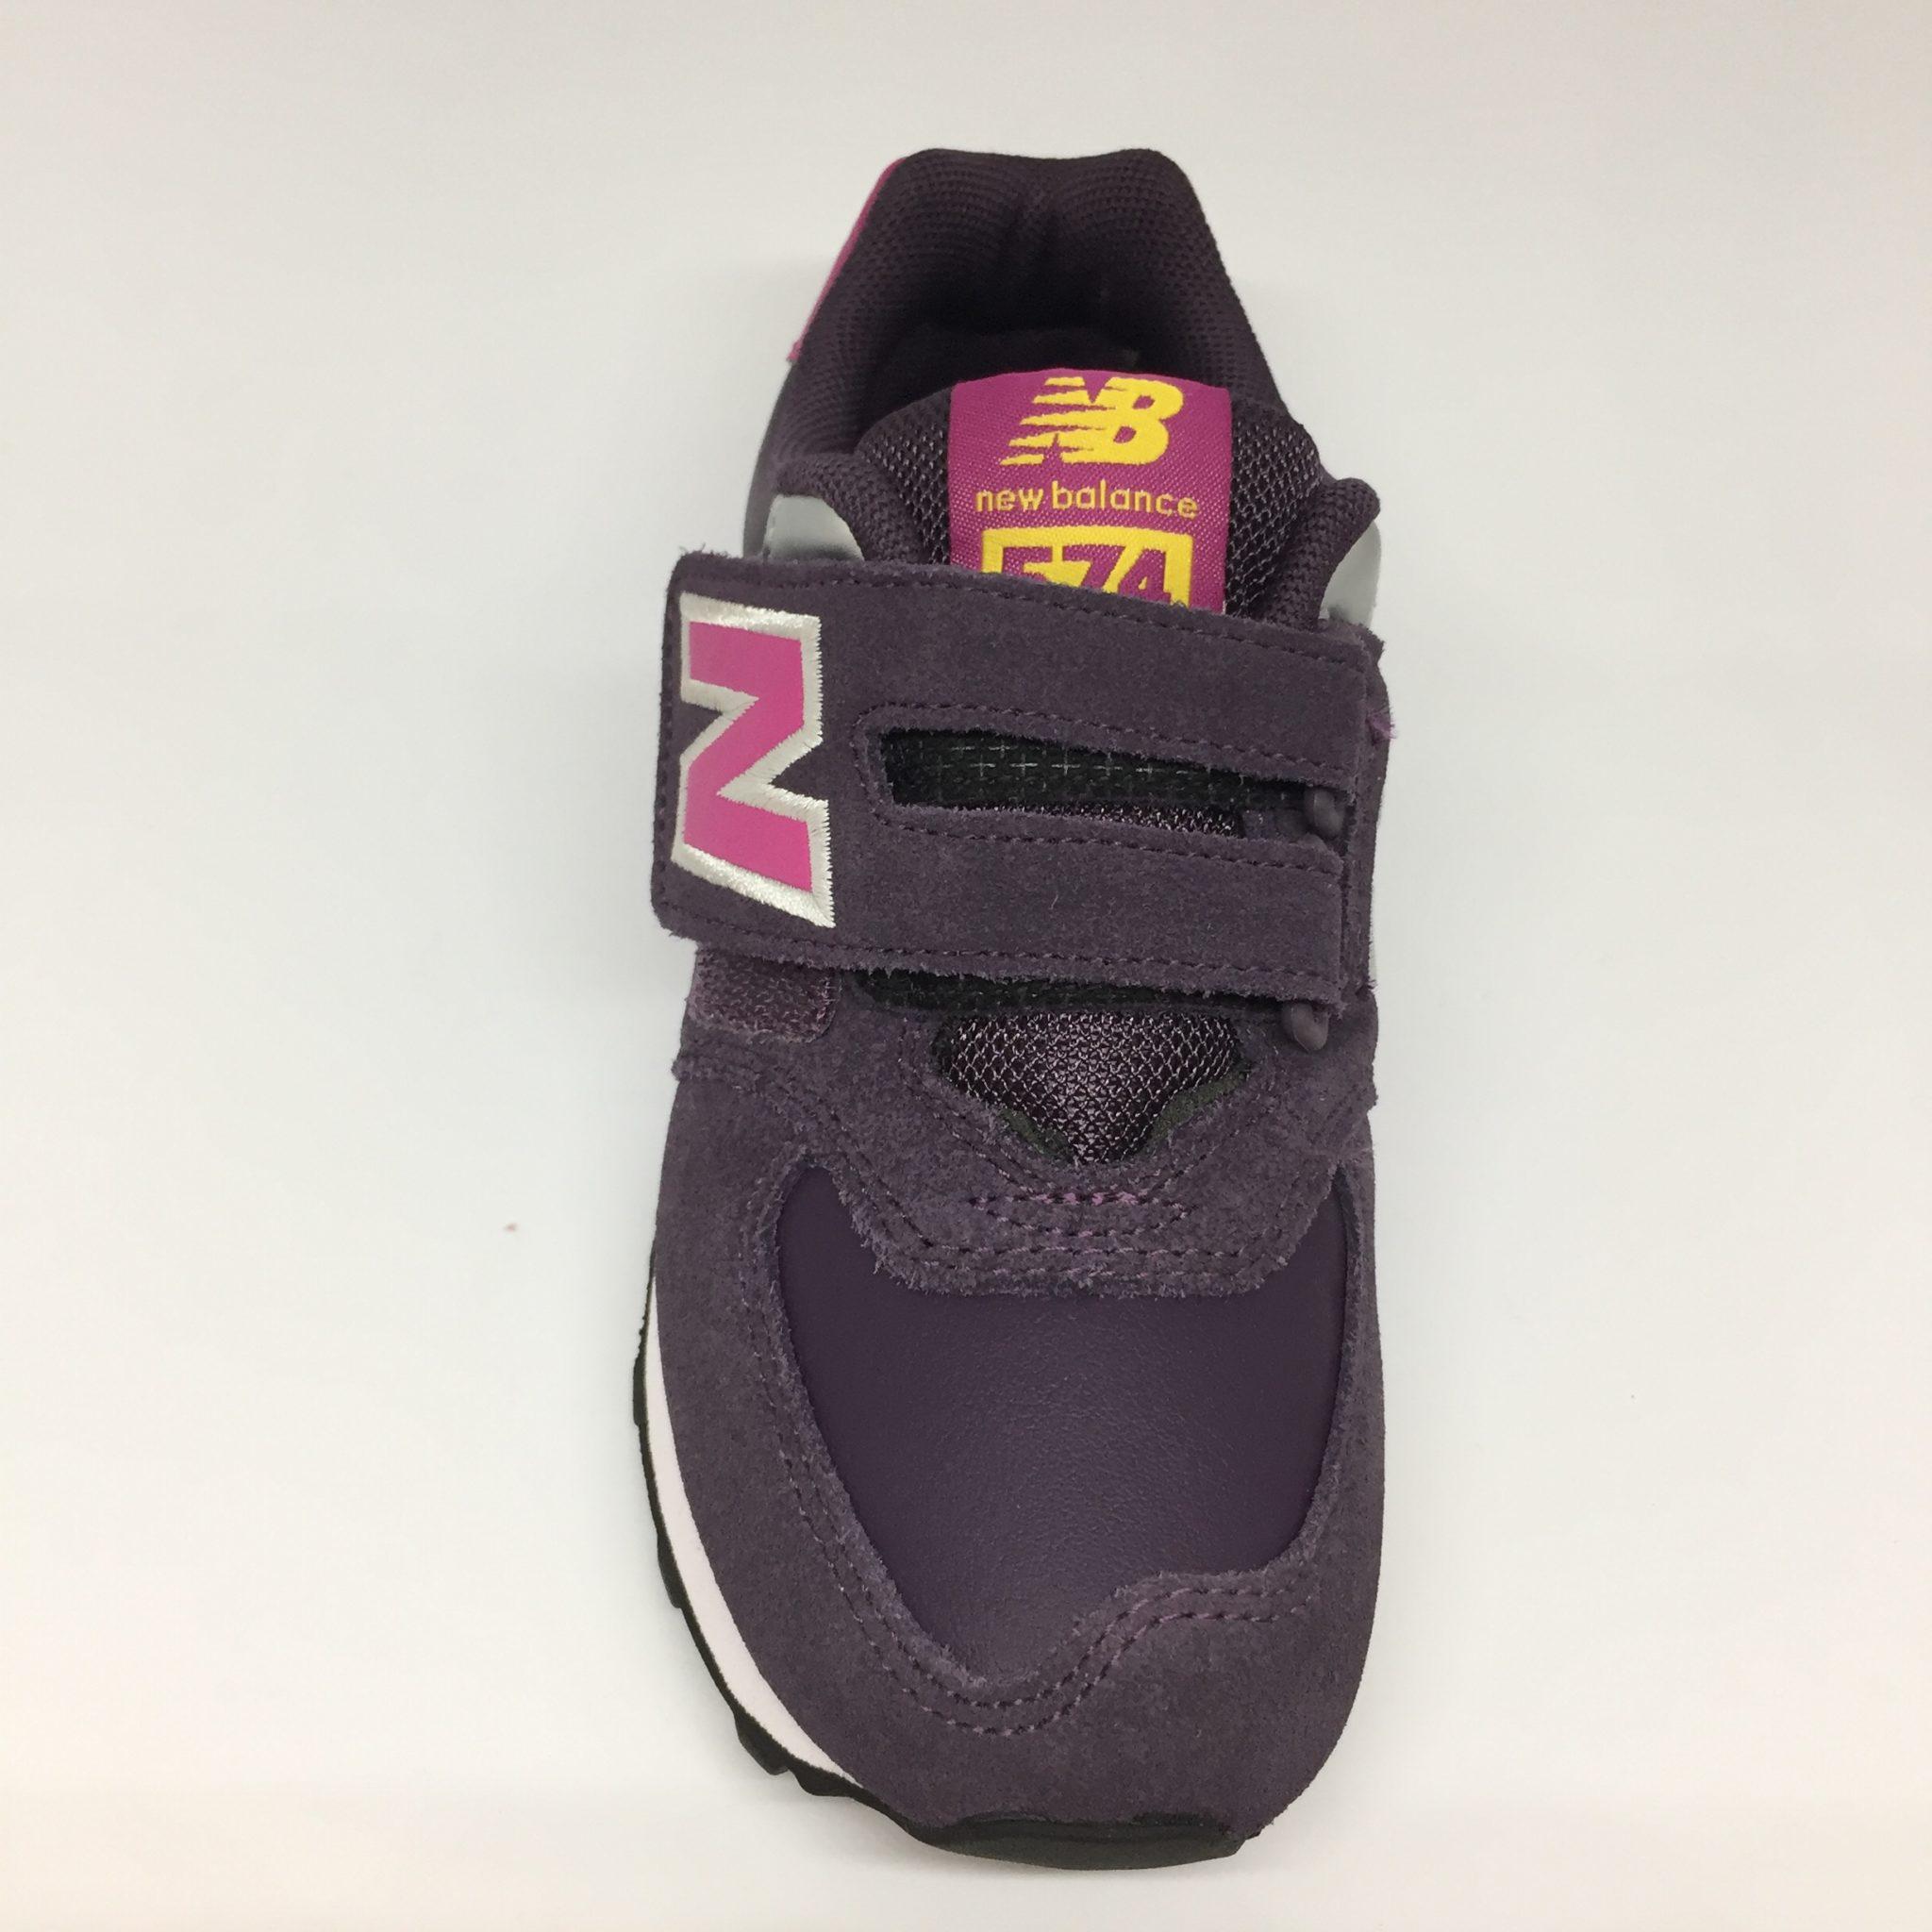 8e87d25e6e0f New Balance KV574PPY Viola fuxia – La Griffe calzature